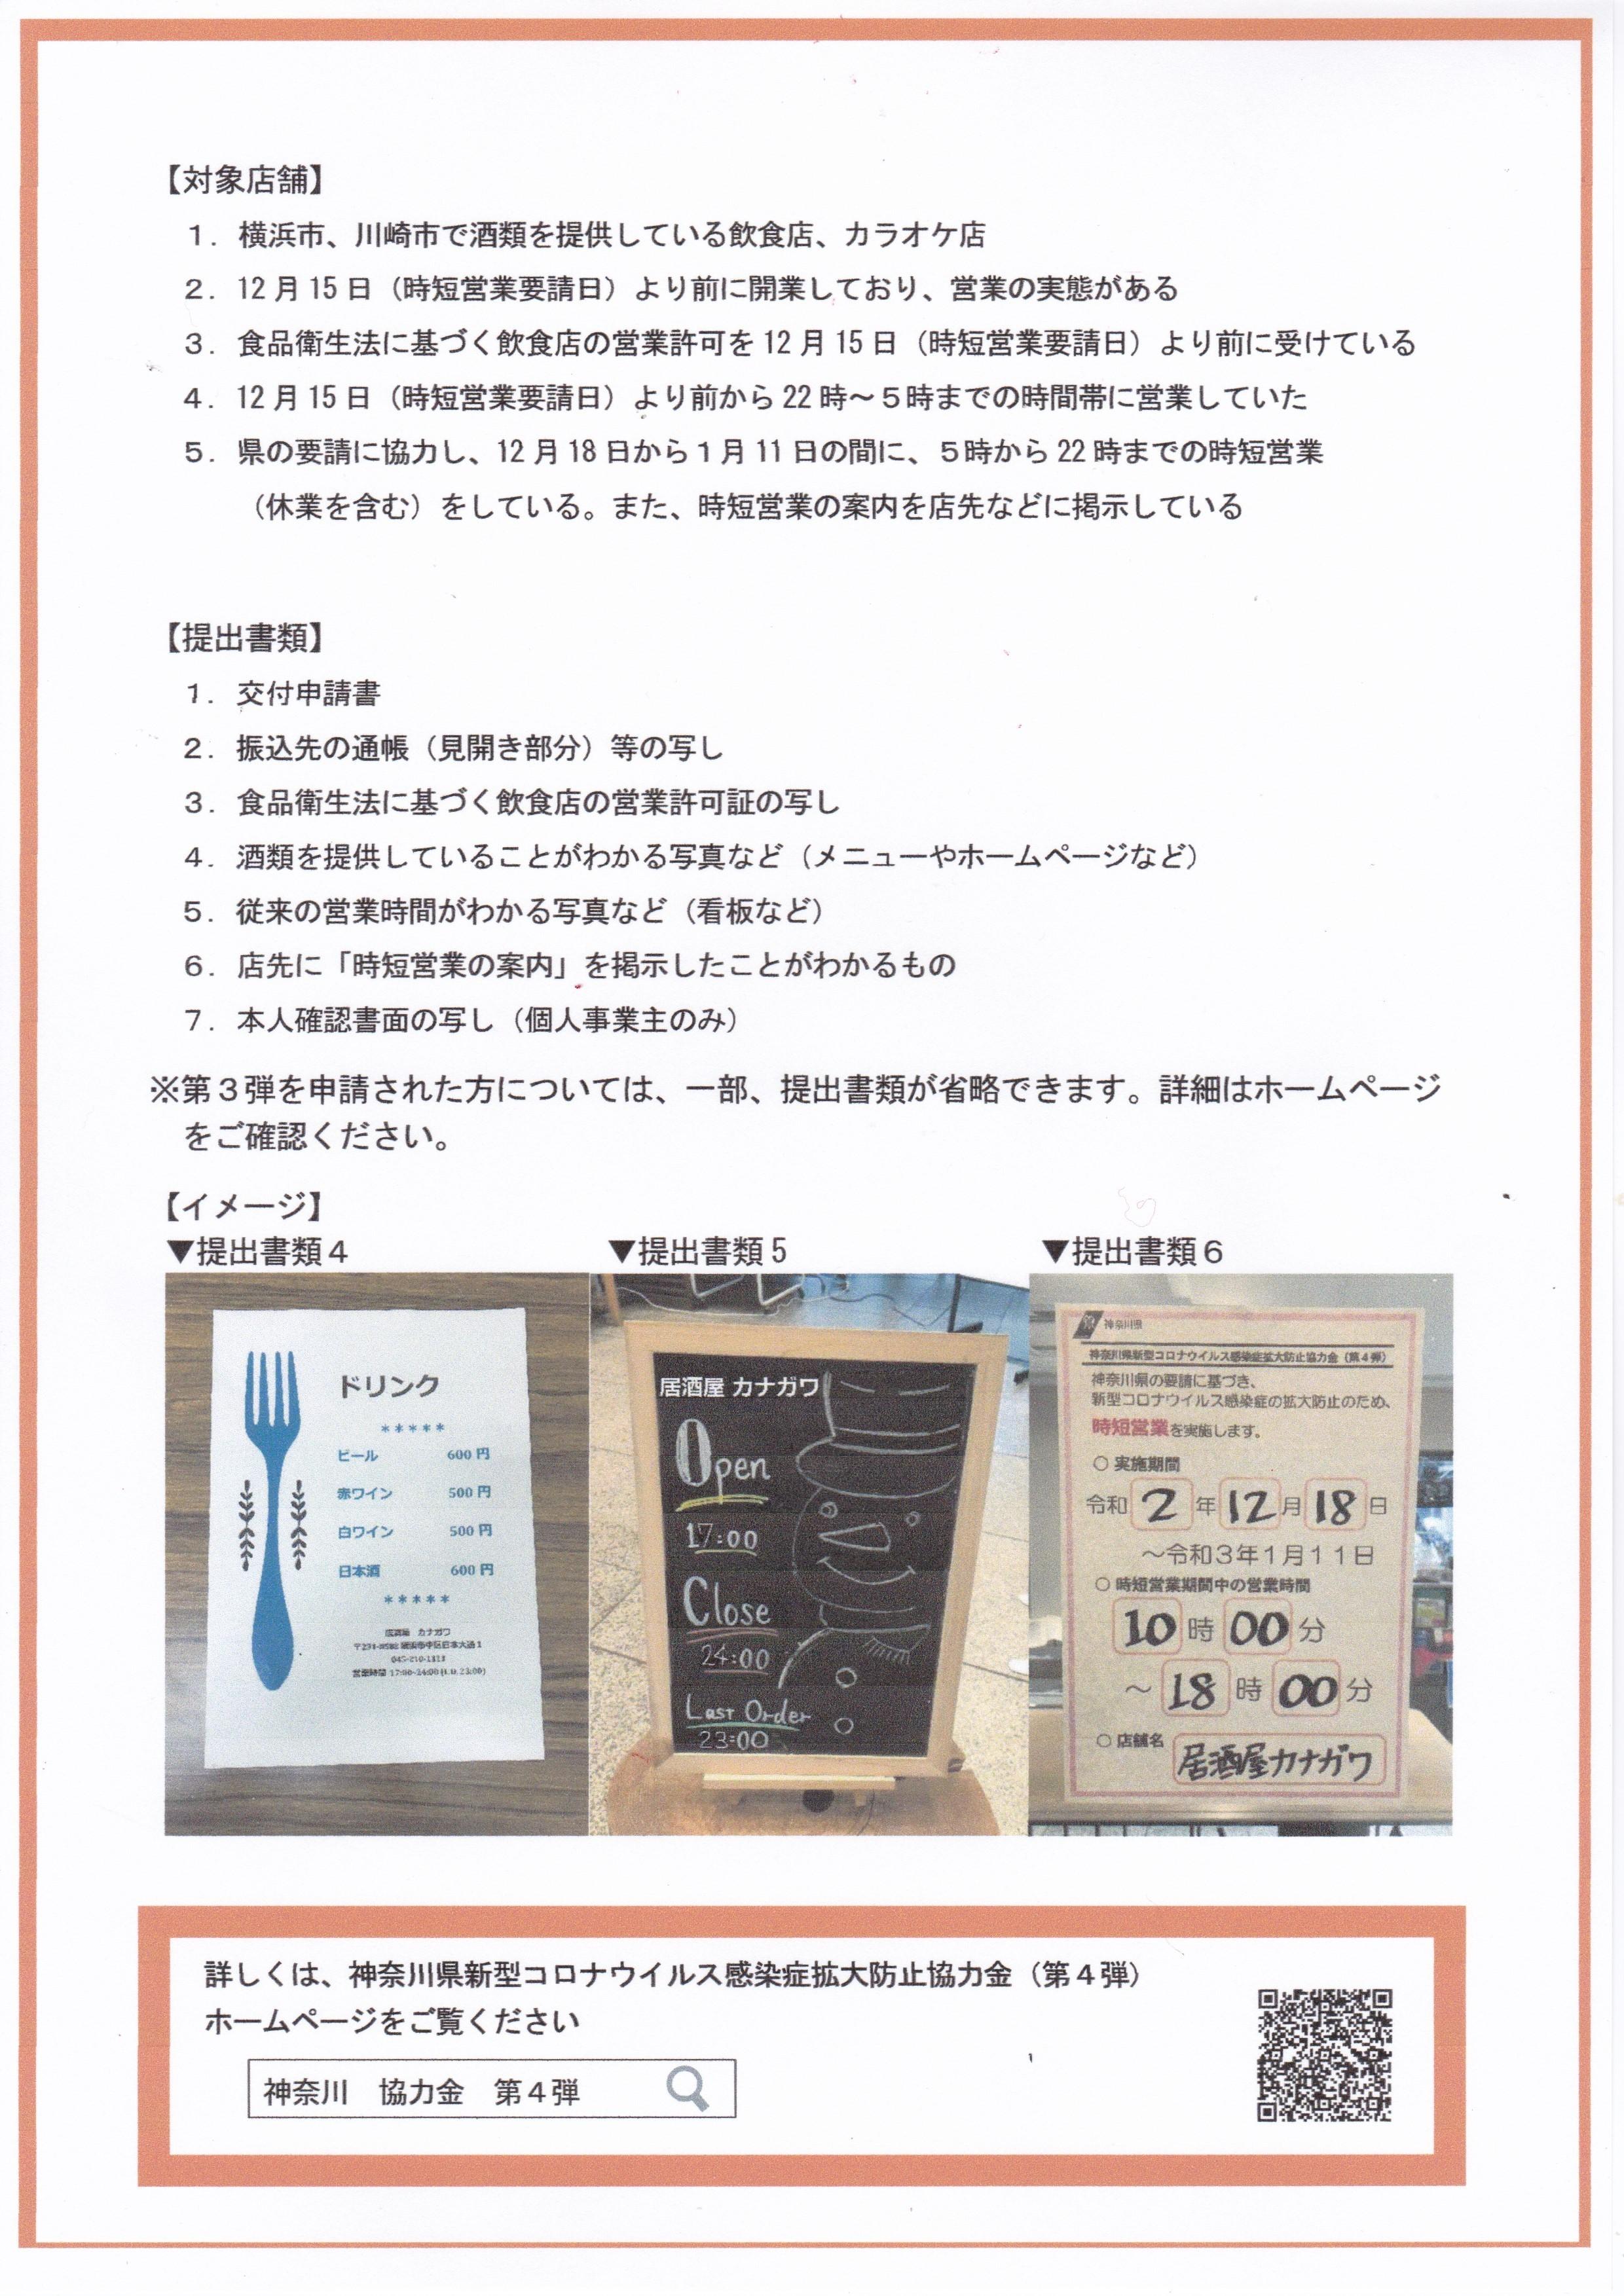 神奈川 県 コロナ 協力 金 新型コロナウイルス感染症拡大防止協力金(第7弾)について